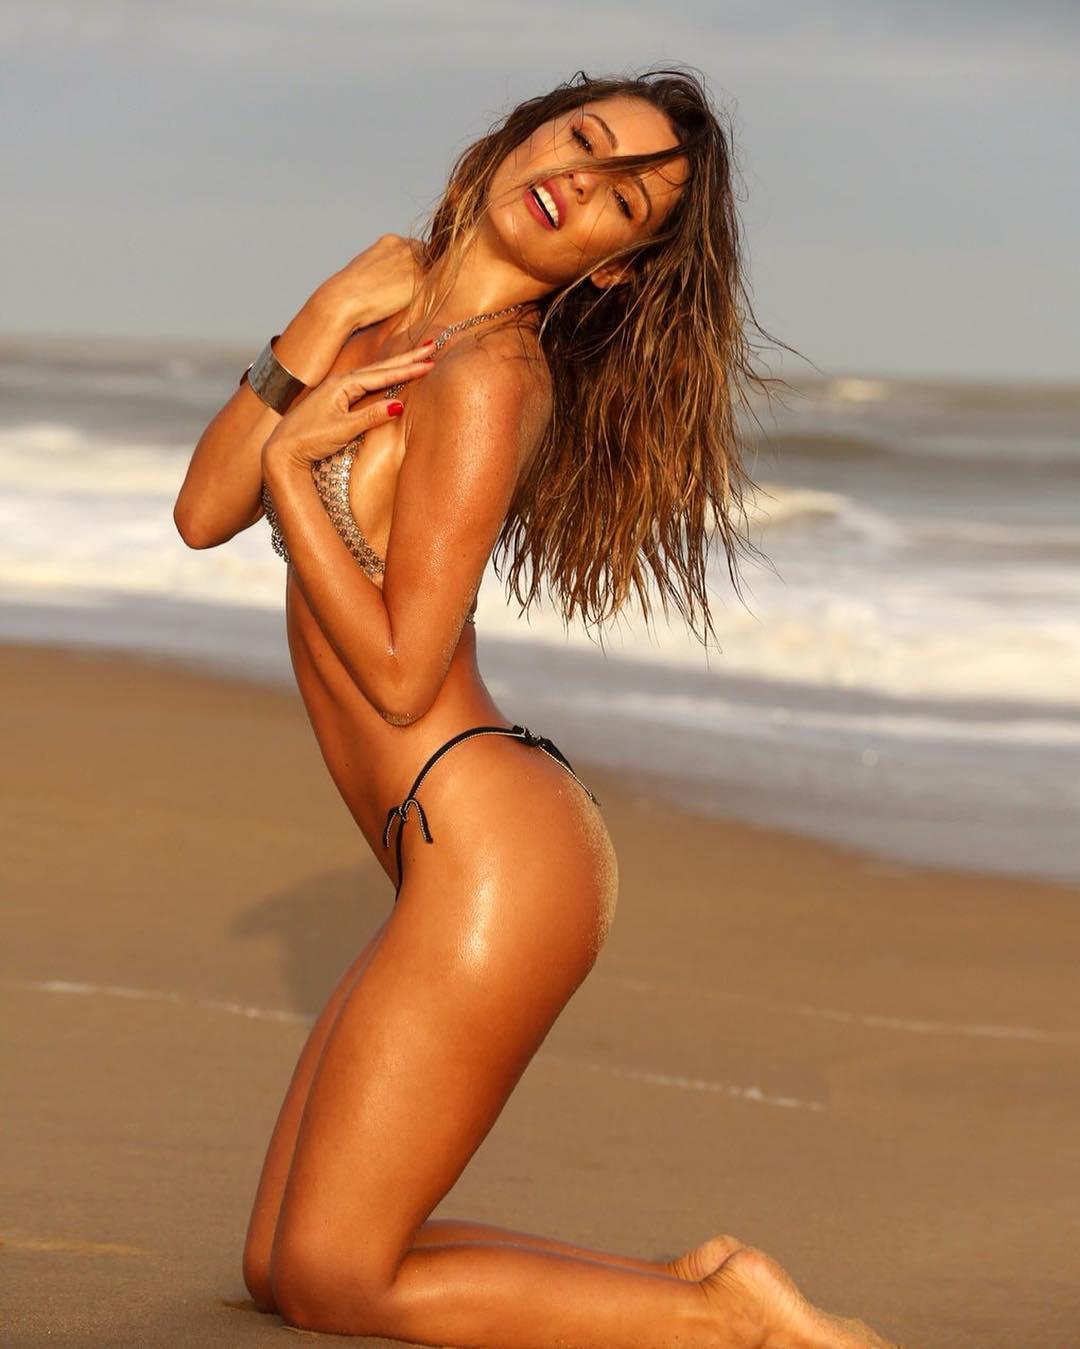 Cleavage Nude Vanessa Perroncel naked photo 2017